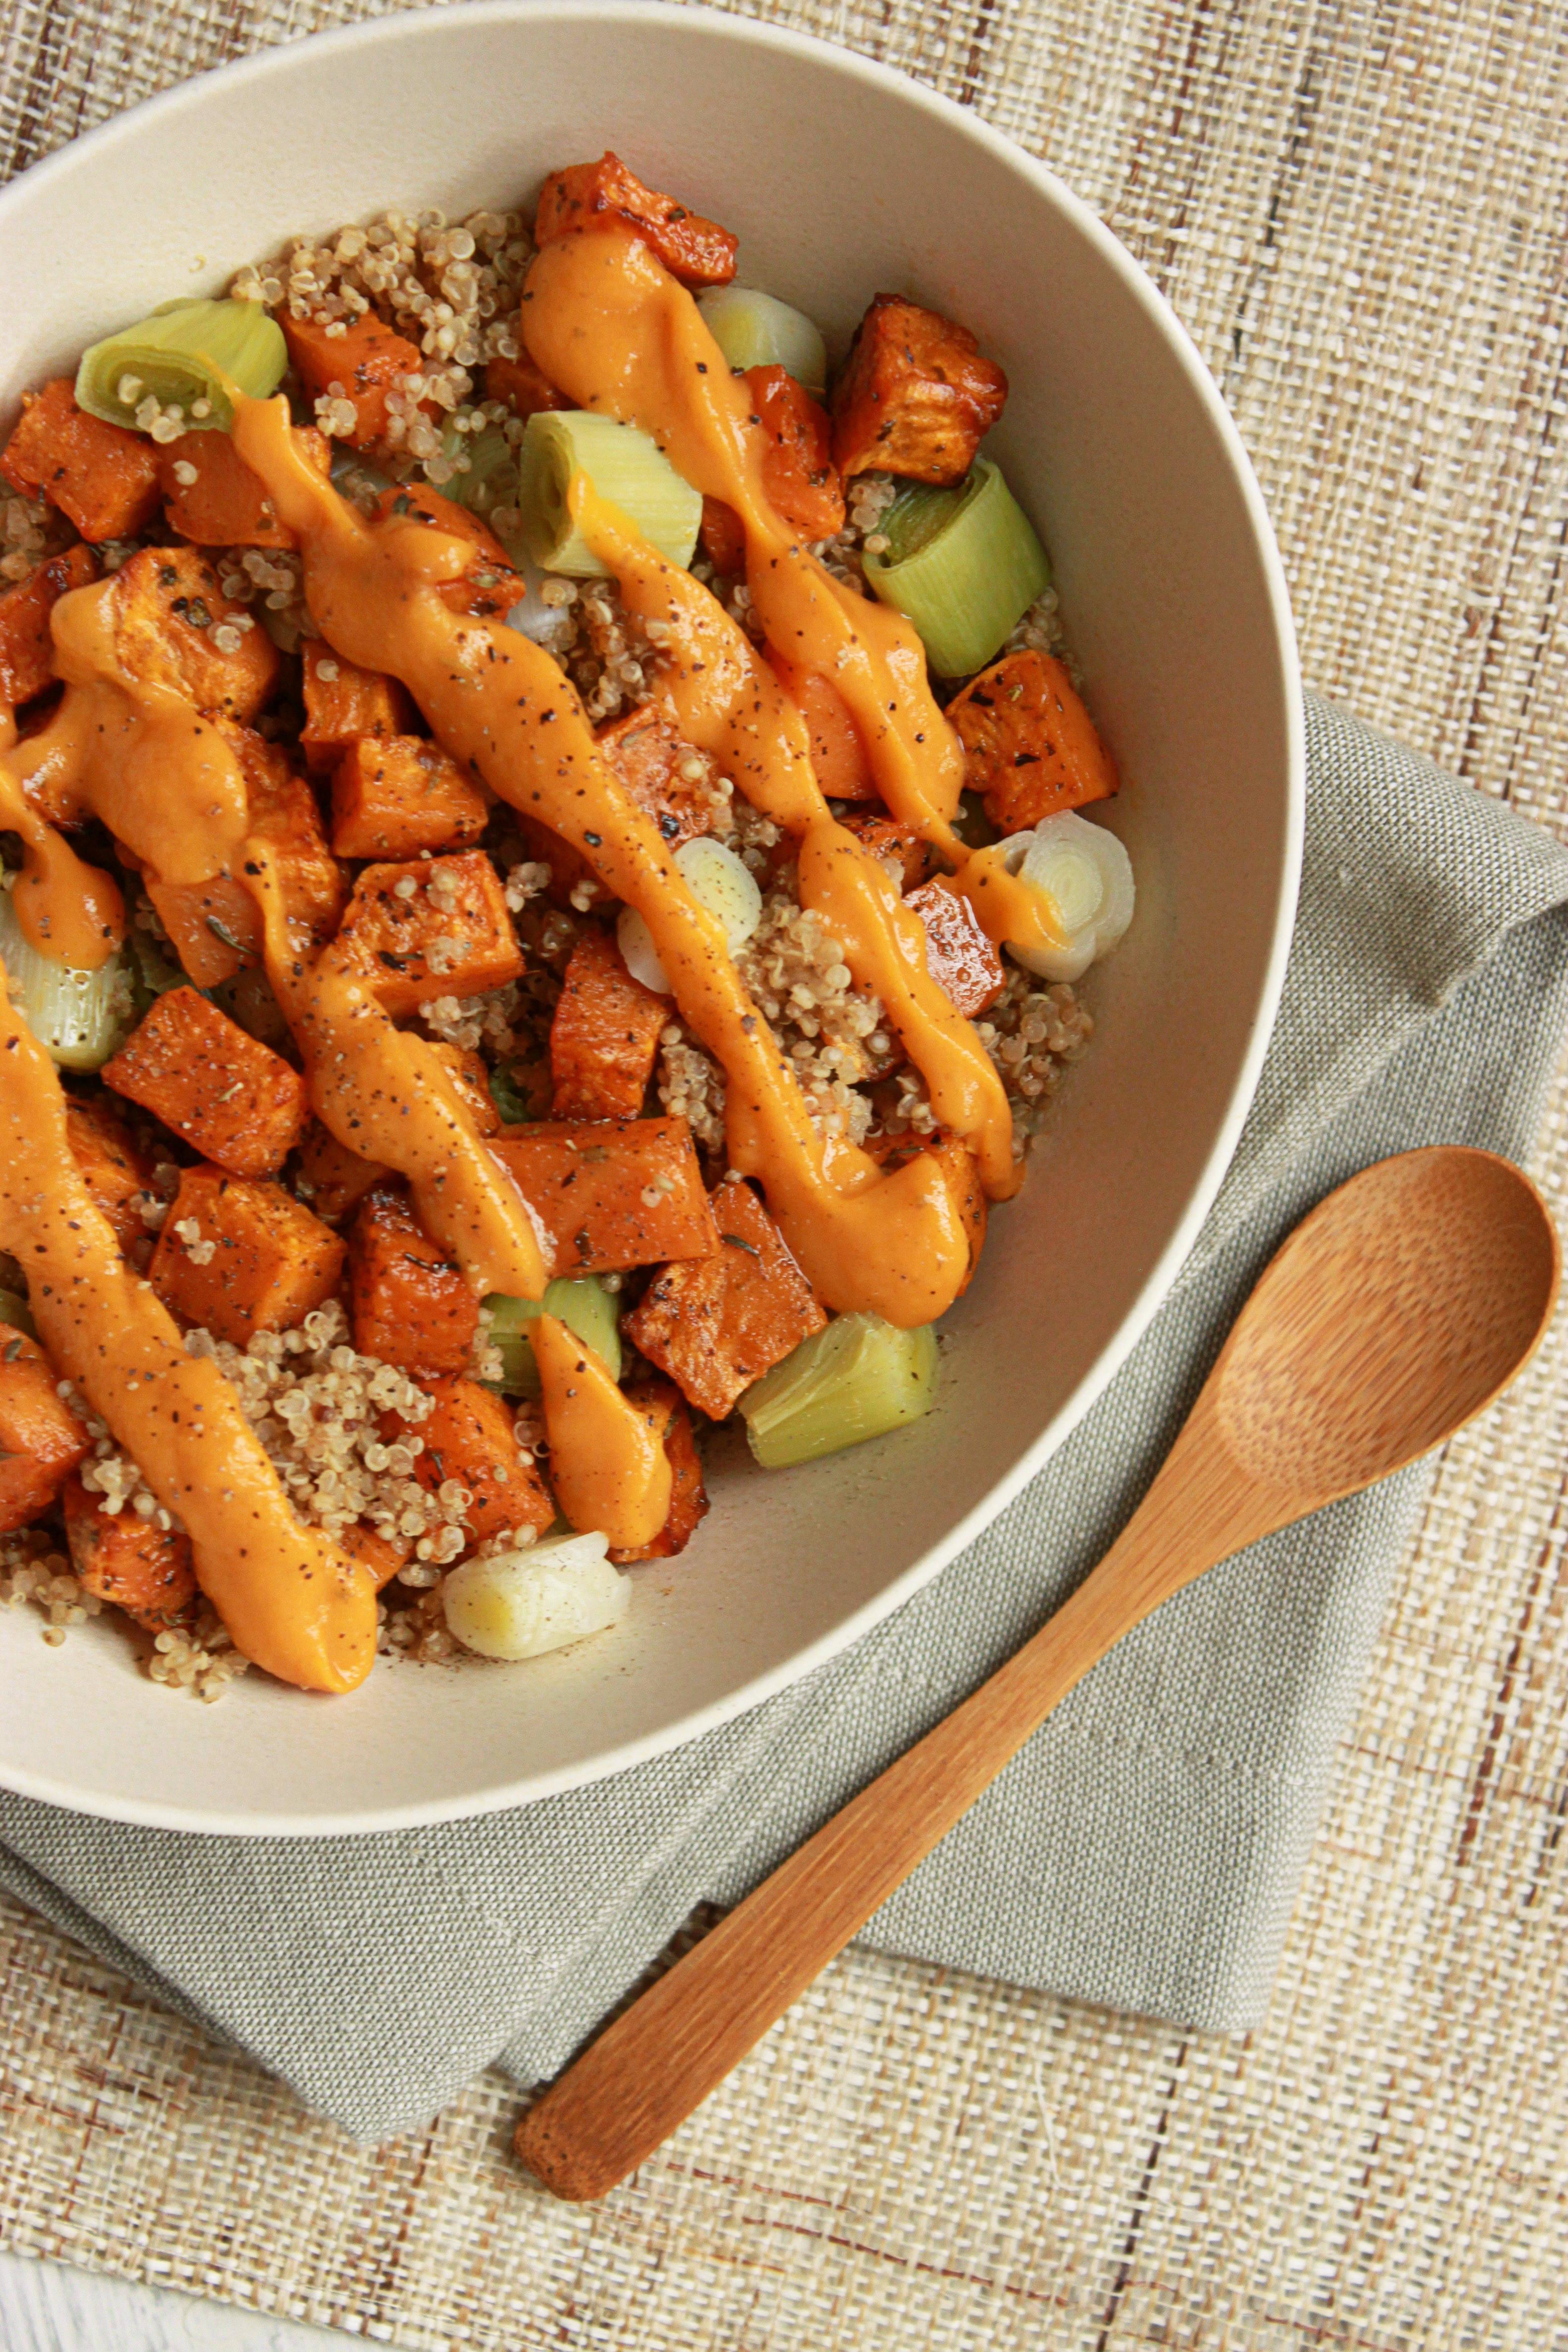 Veggie bowl quinoa patate douce r tie et poireau 1 2 3 - Comment cuisiner la patate douce a la poele ...